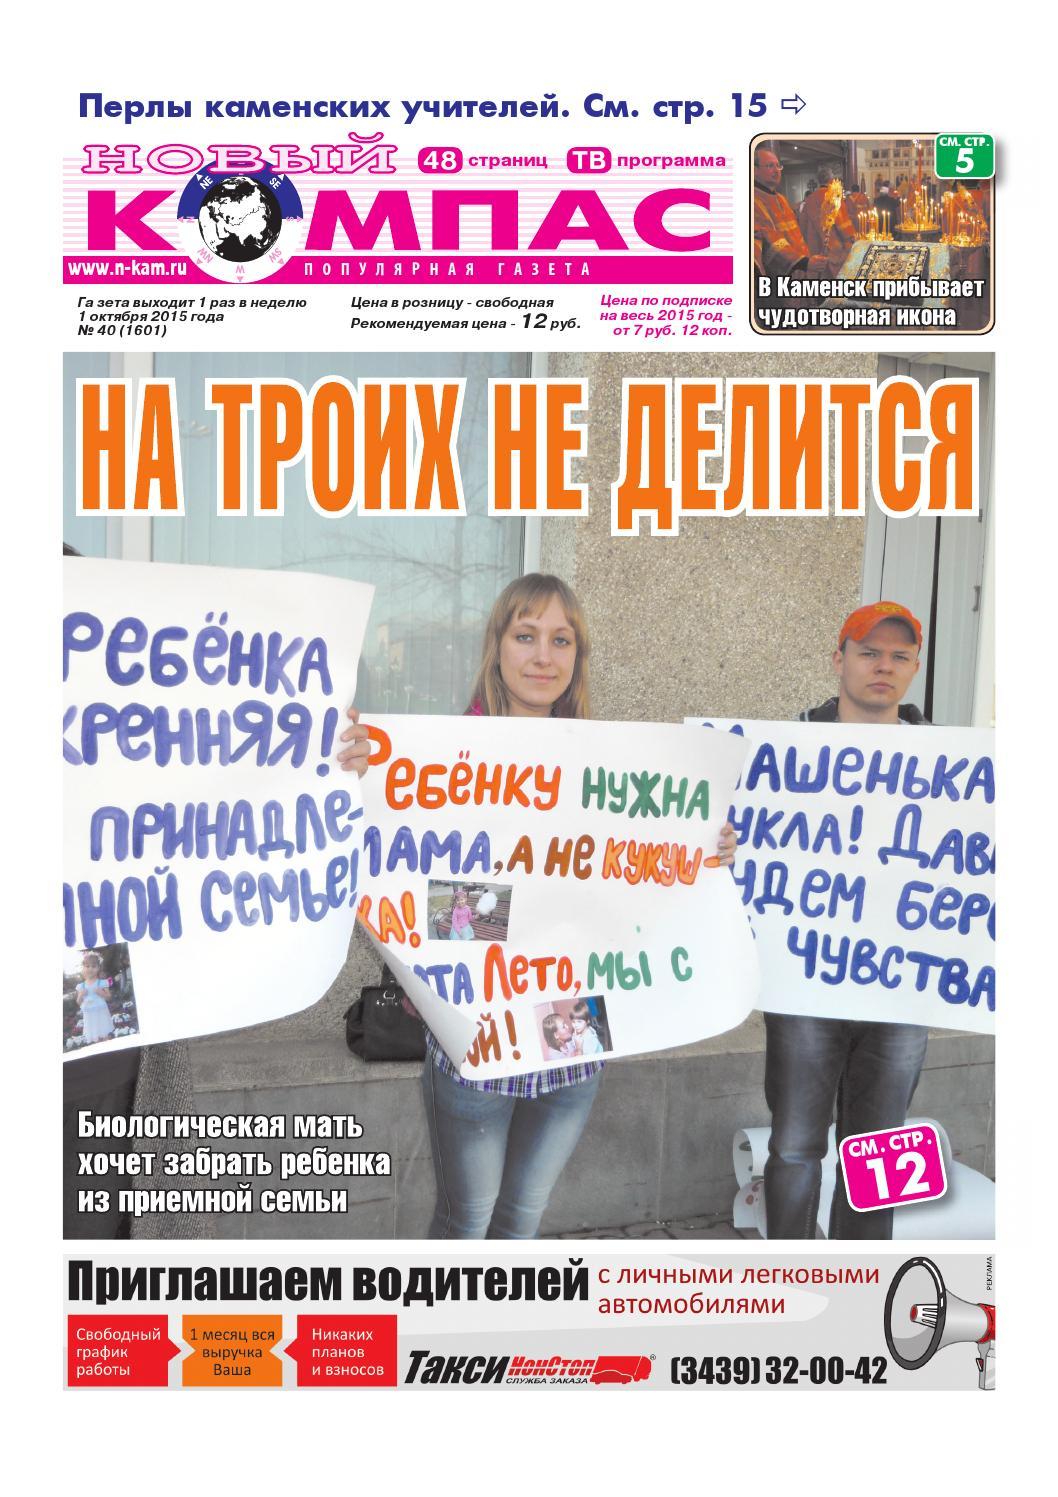 лицо газета нет проблем каменск-уральский объявления читать смайлики Республика